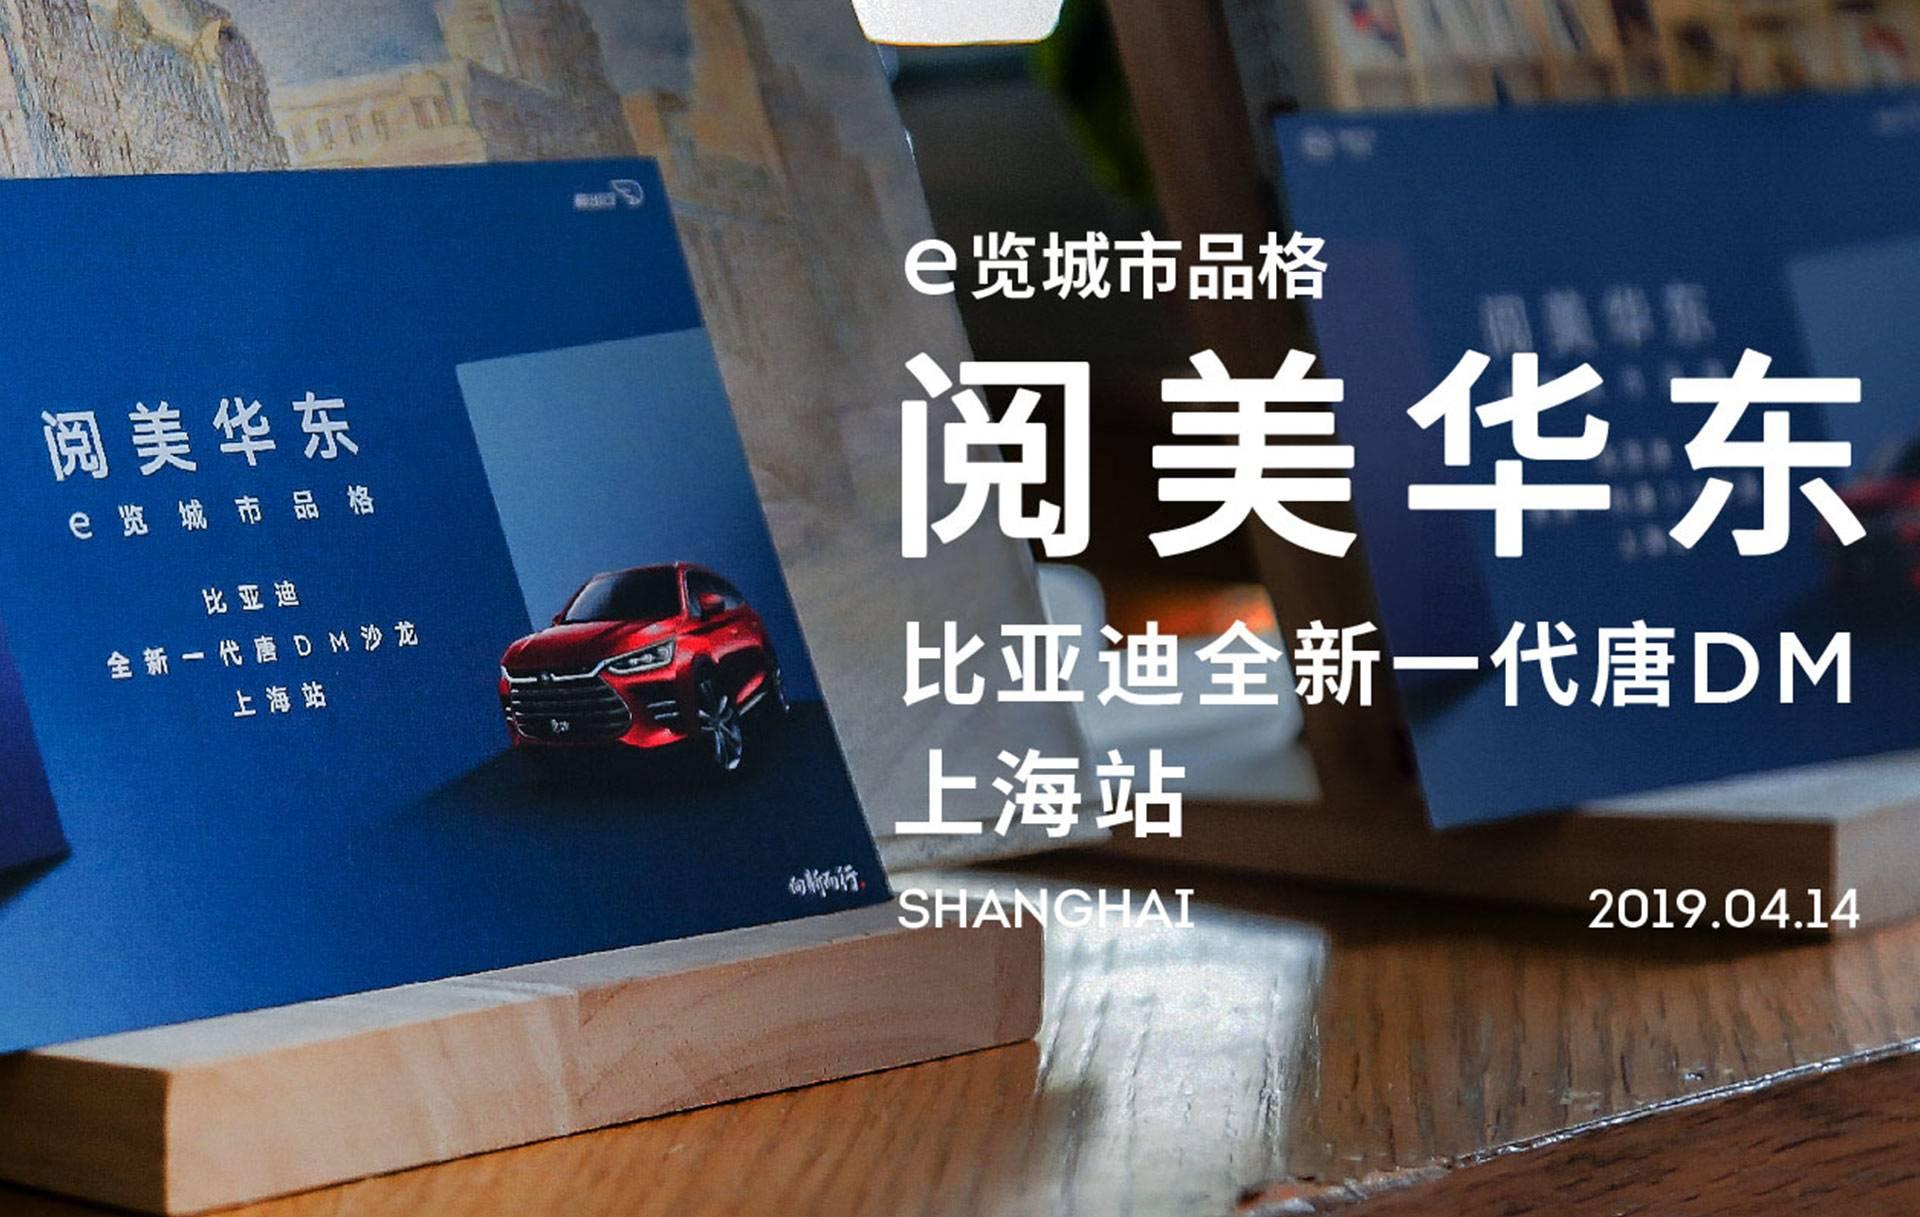 「阅美华东 e览城市品格」的全新一代唐DM沙